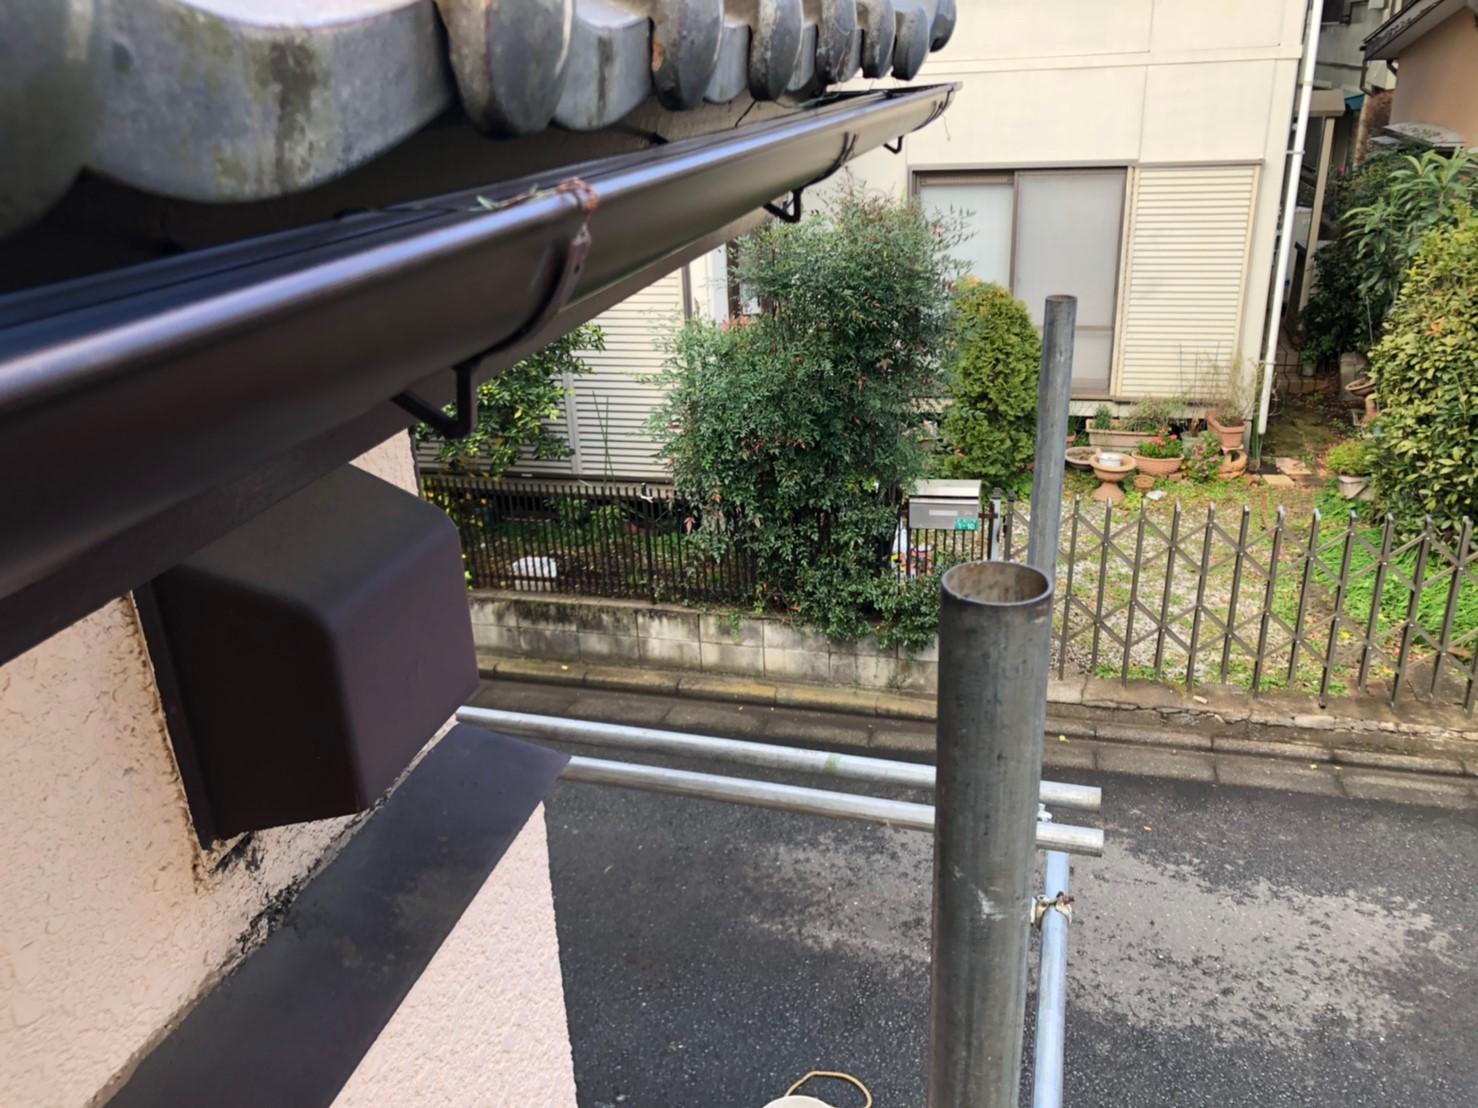 【施工完了報告!】雨どいの異常、ご自身で判断できますか?千葉県鎌ケ谷市で雨どい交換工事!